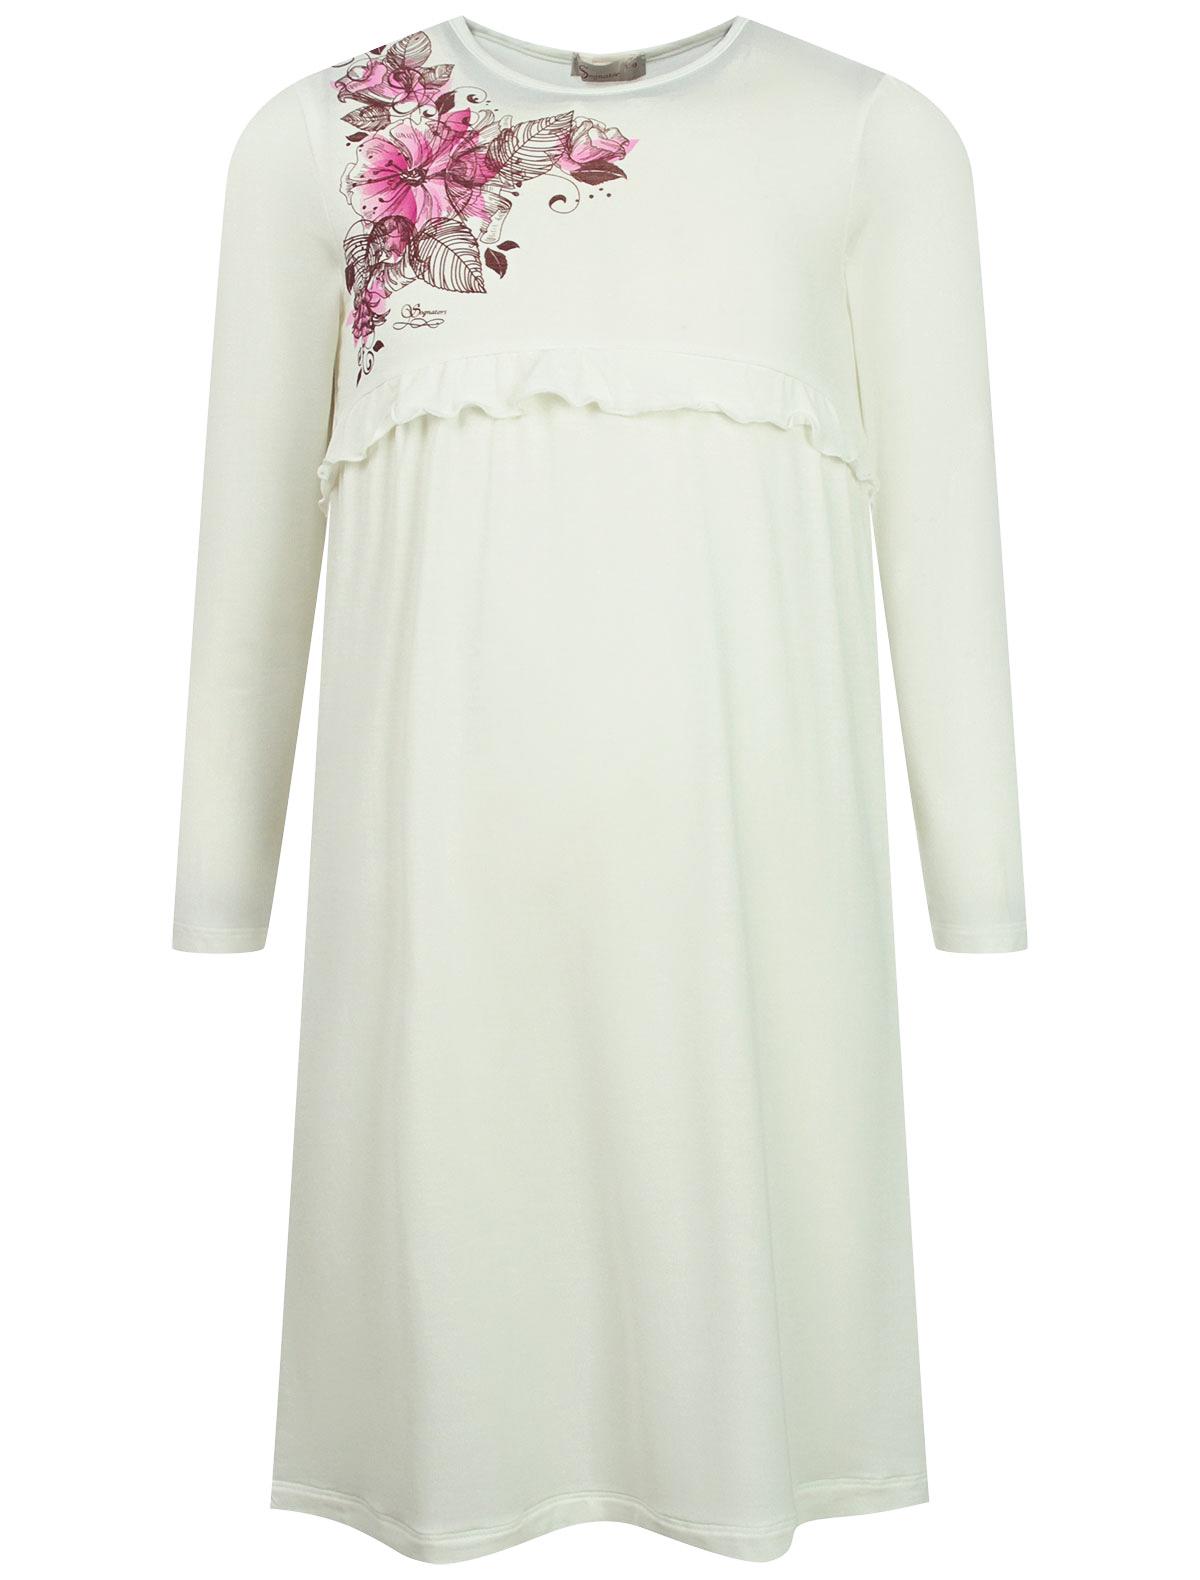 Купить 2300103, Ночная рубашка Sognatori, разноцветный, Женский, 3344509170251